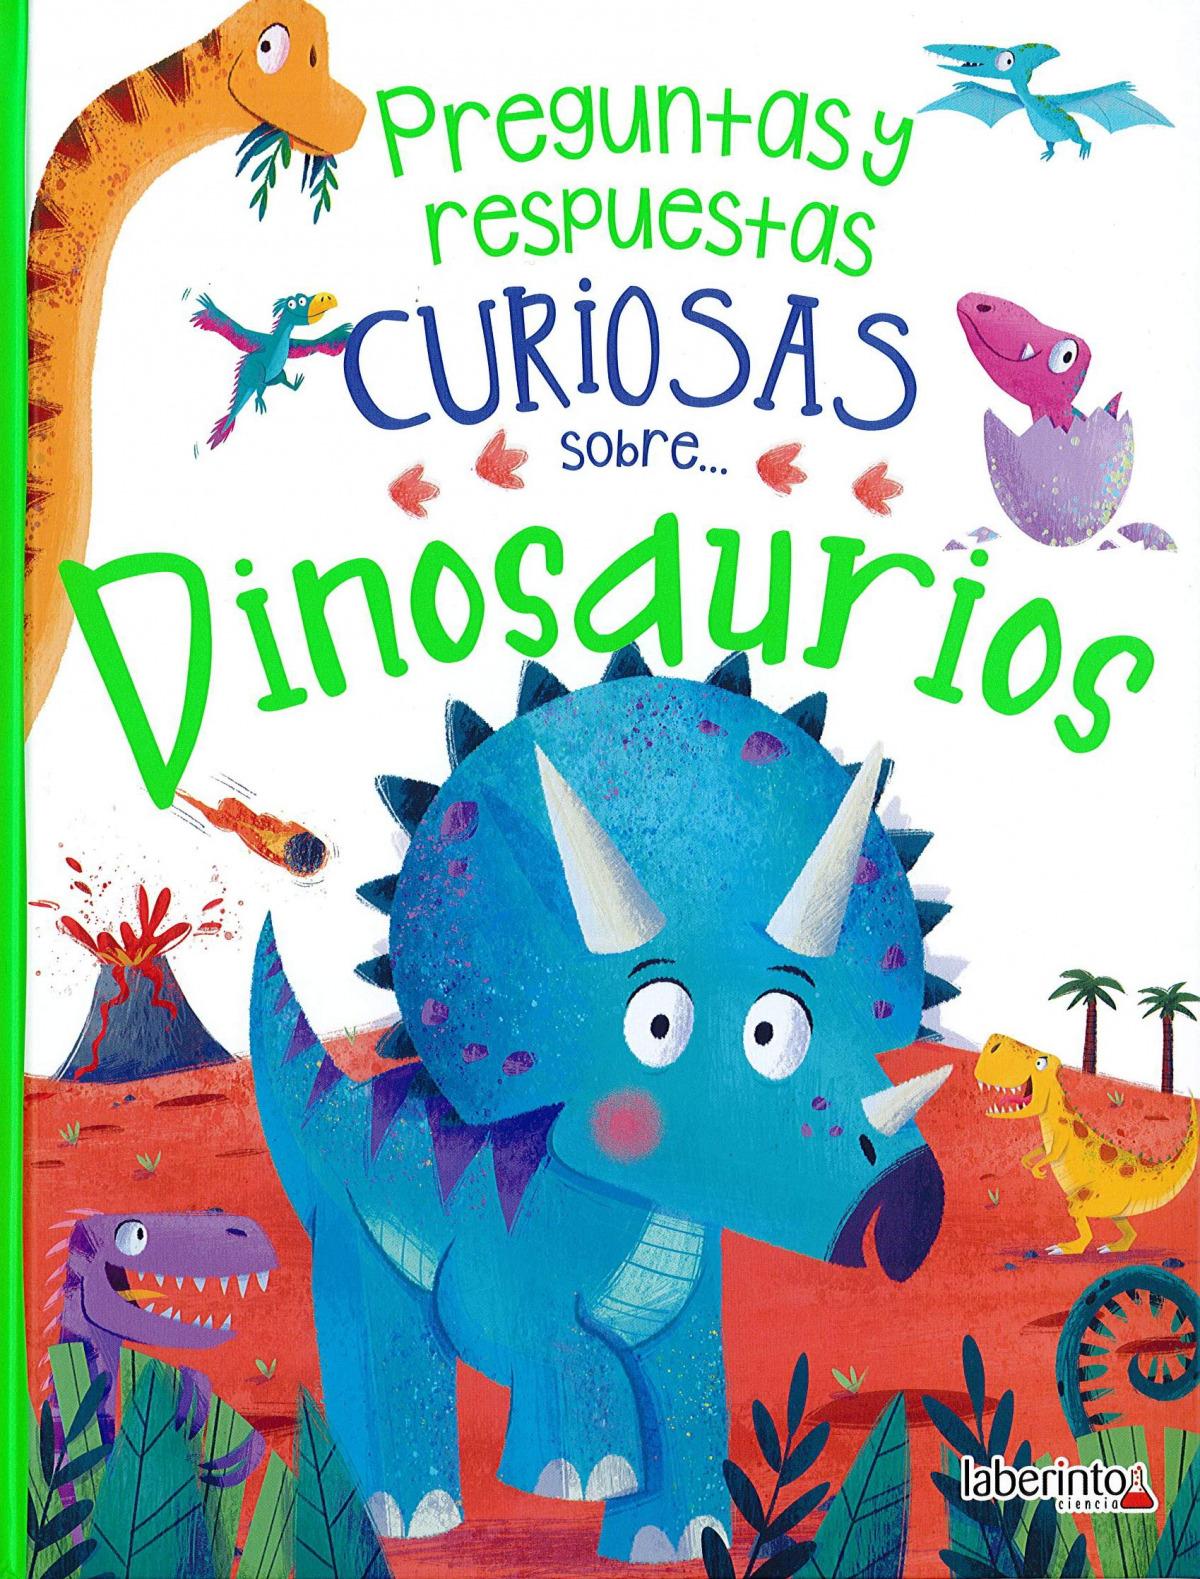 Preguntas y respuestas curiosas sobre... Dinosaurios